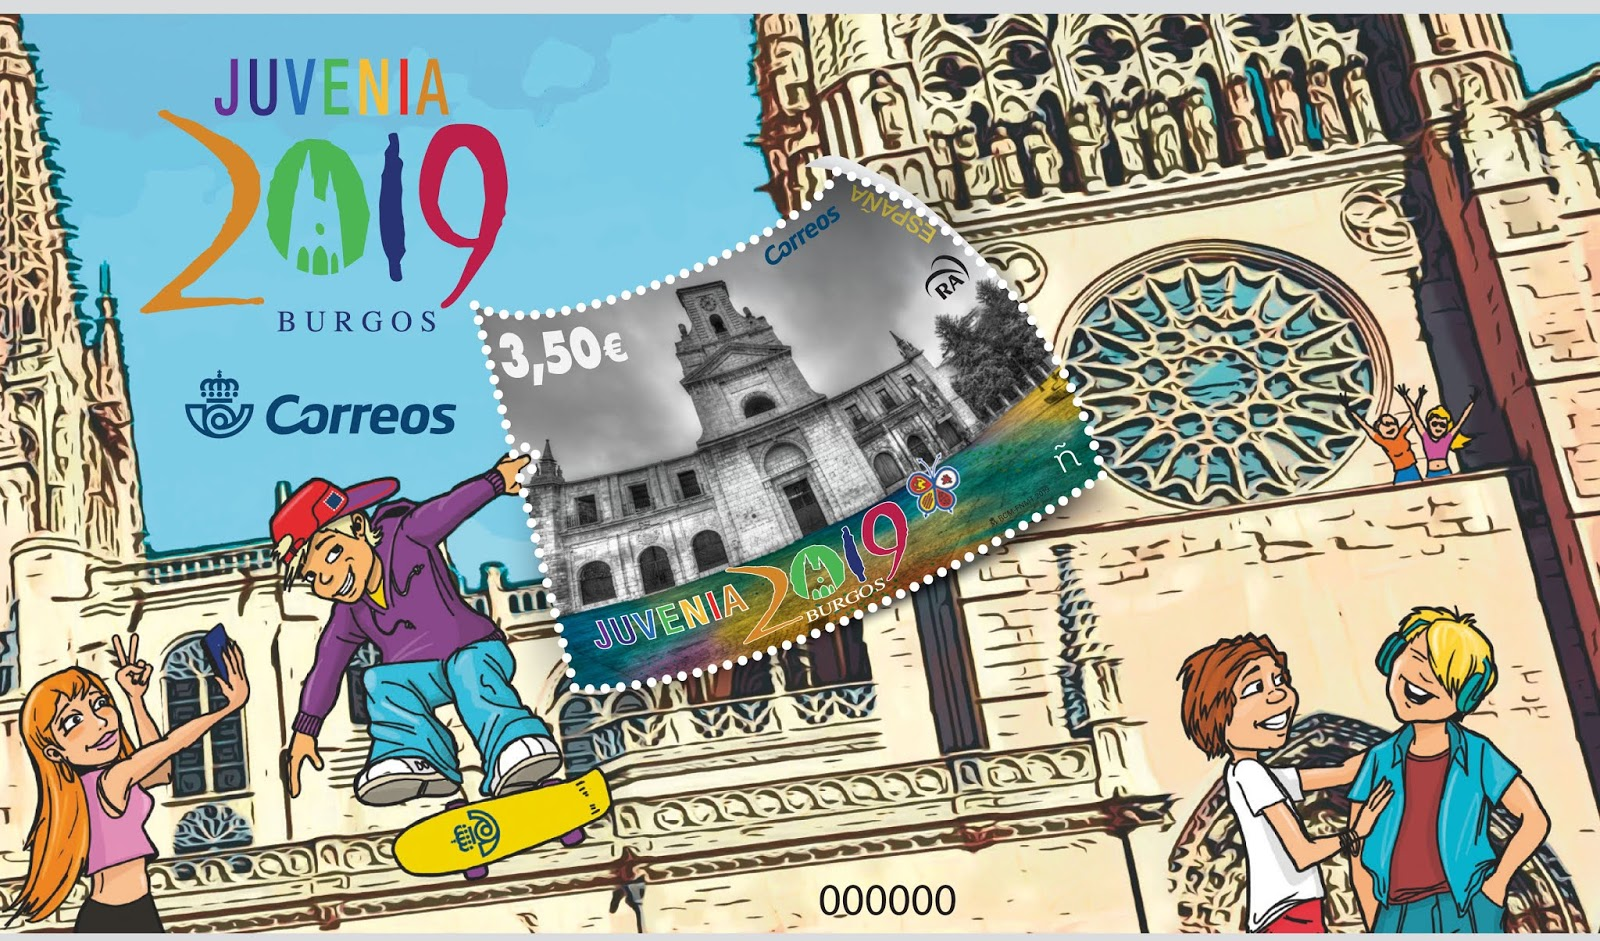 Juvenia 2019. Burgos